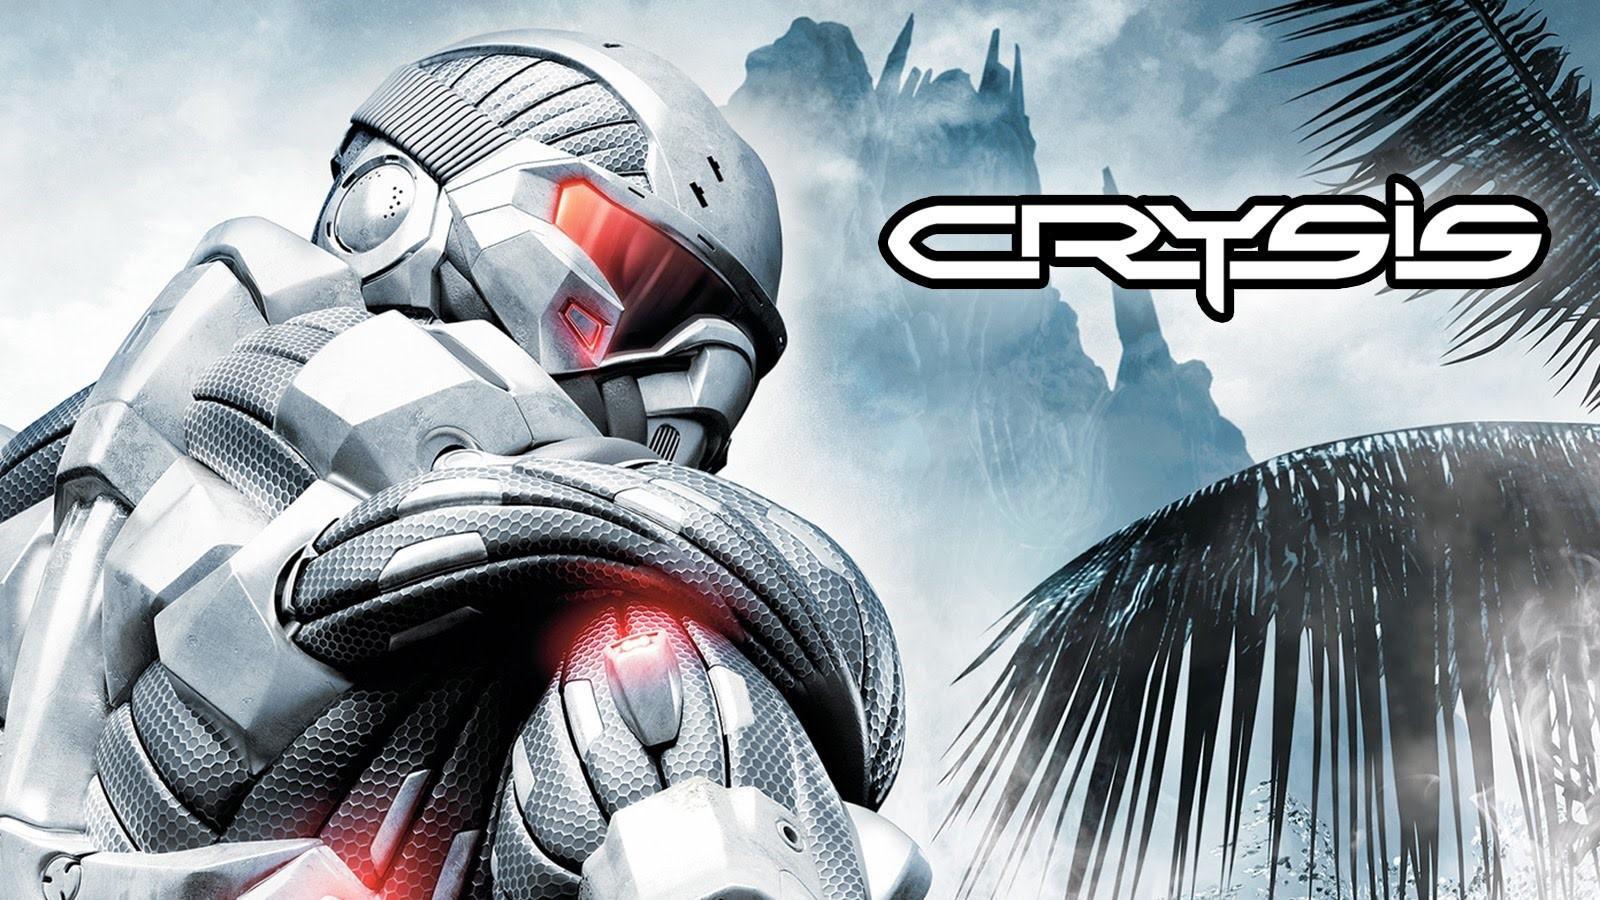 Купить Crysis + Бонус игры + Гарантия